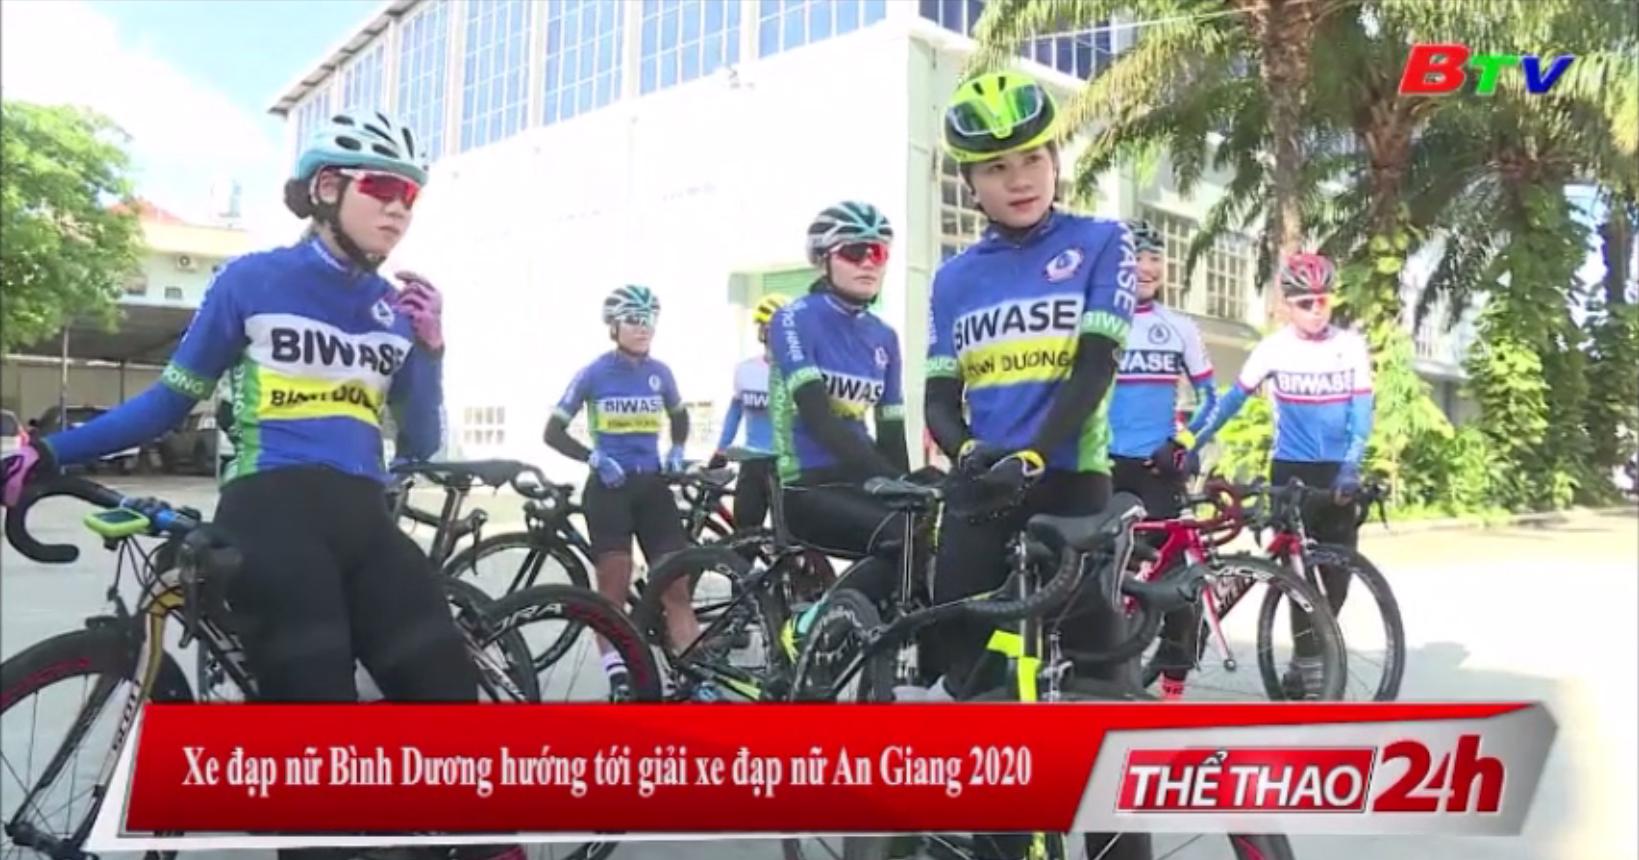 Xe đạp nữ Bình Dương hướng tới Giải xe đạp nữ An Giang 2020